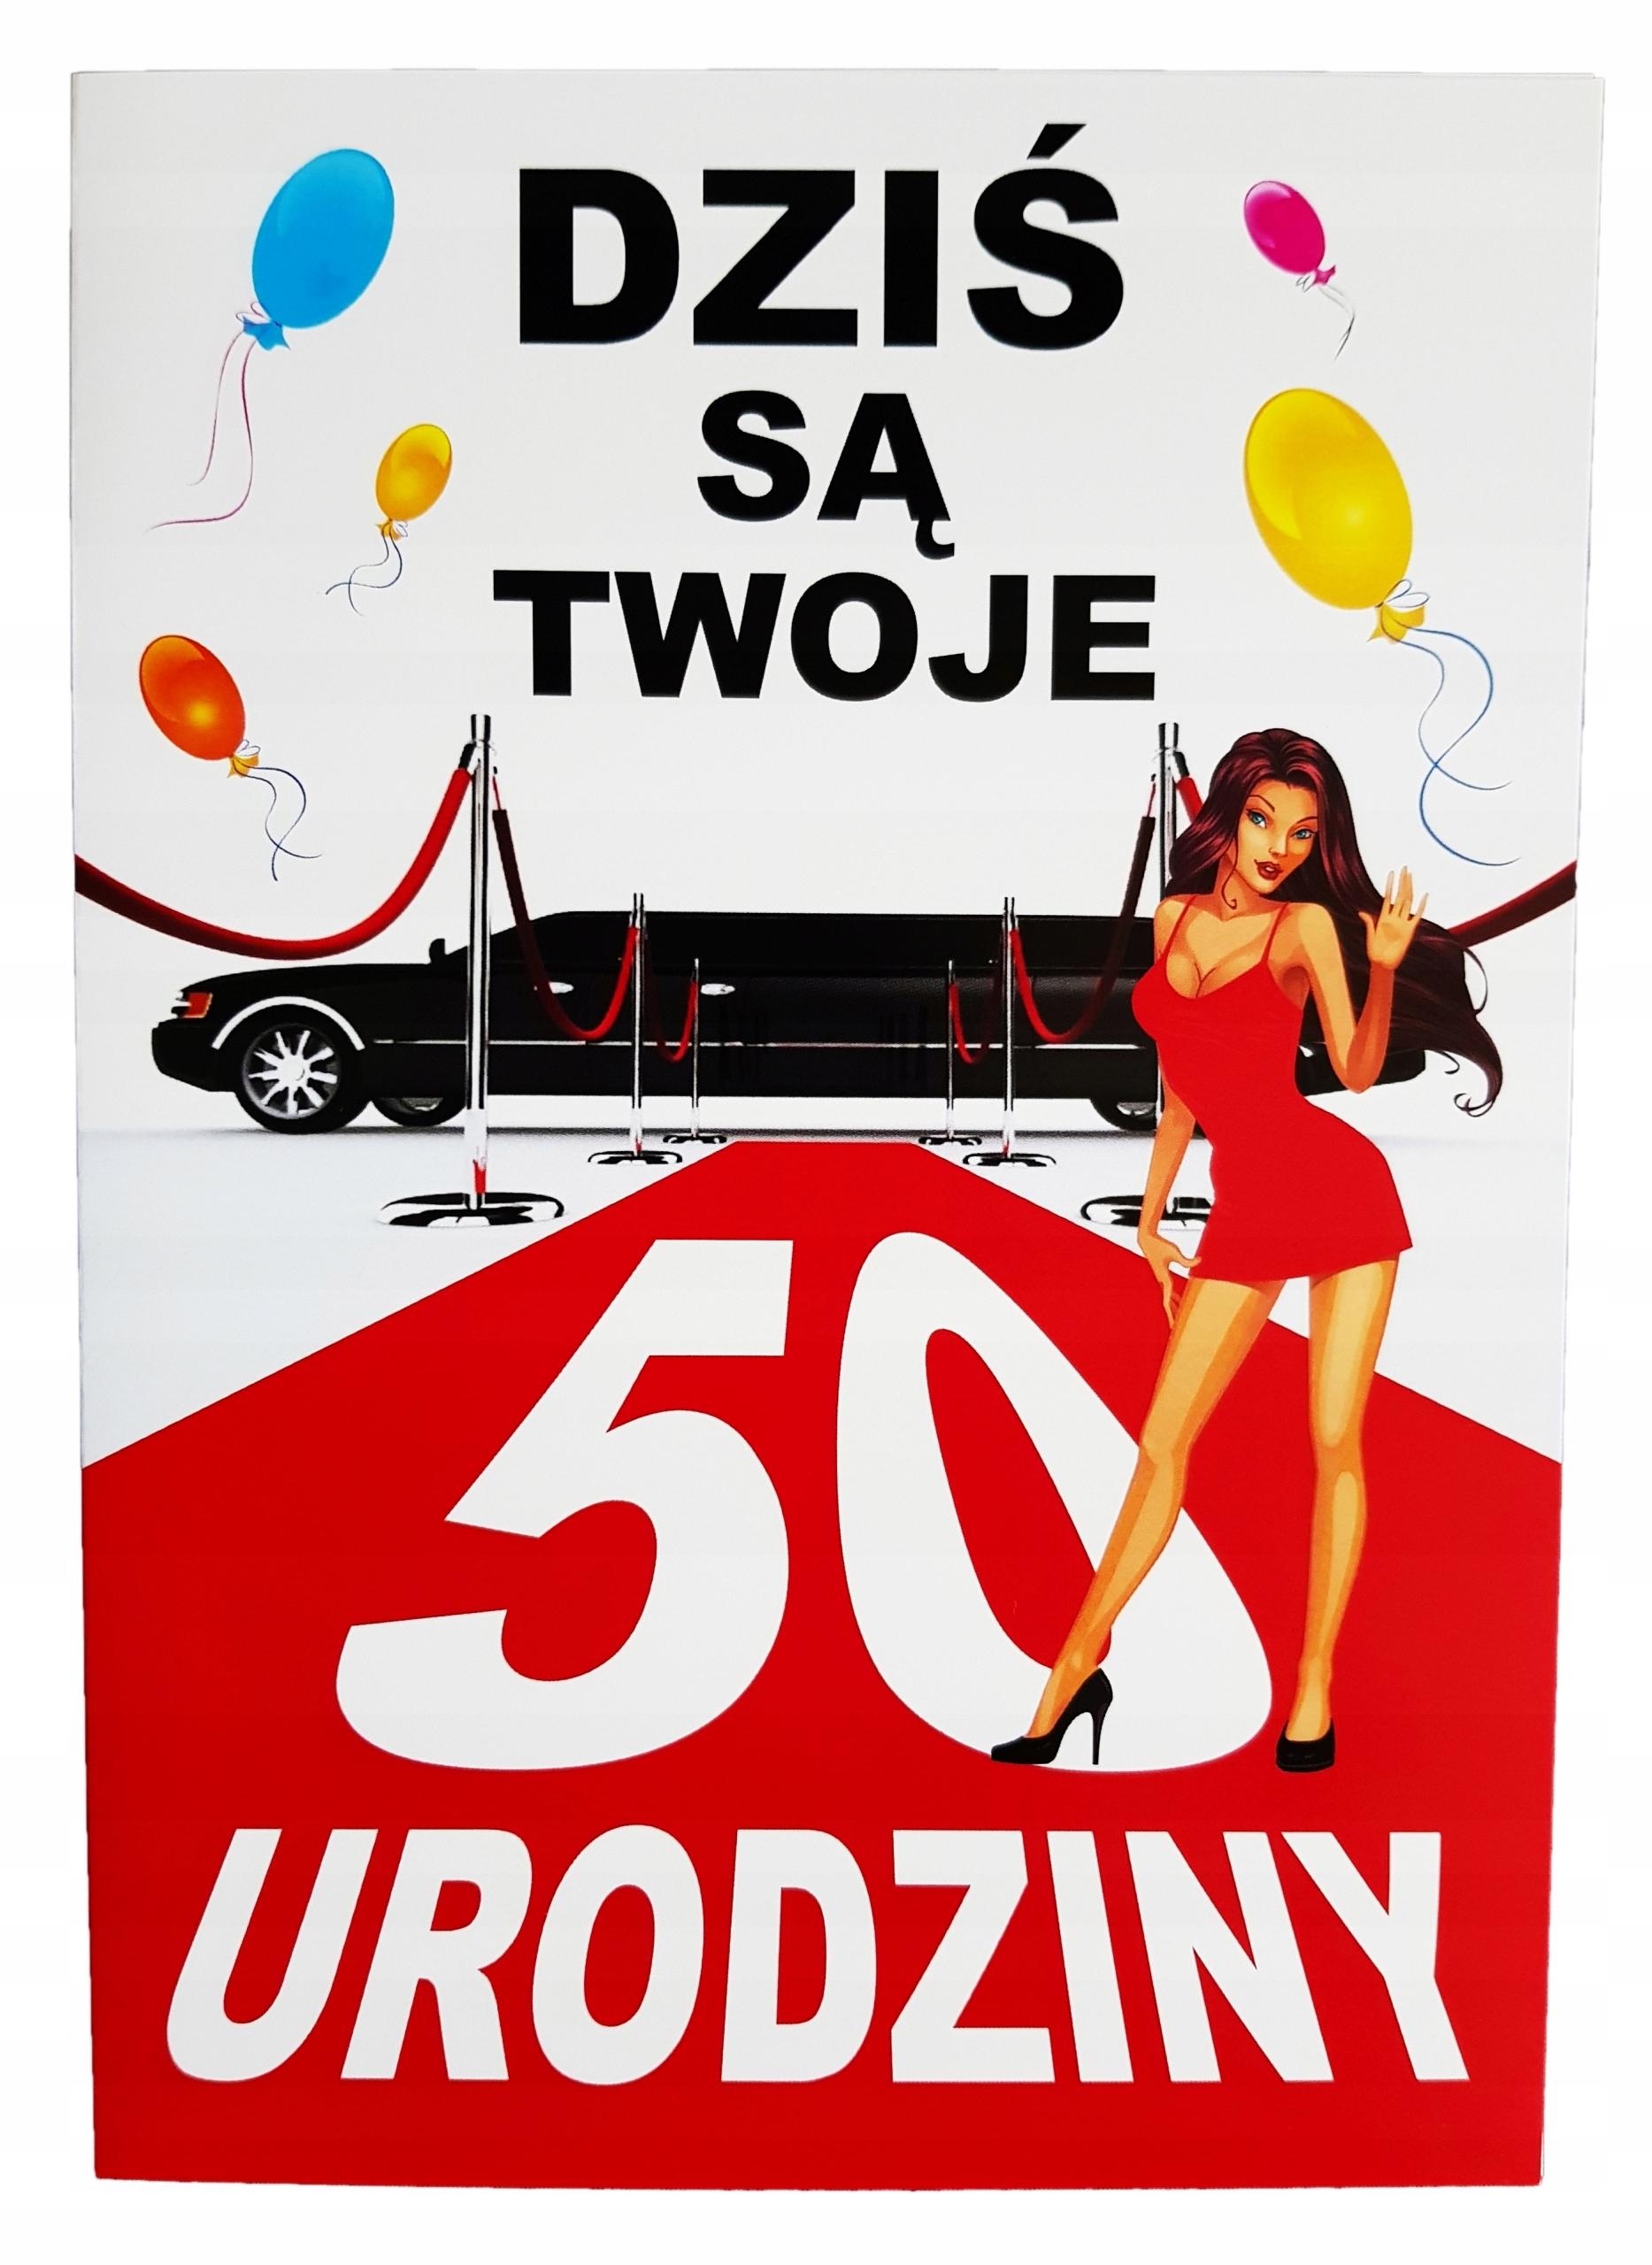 Obrazki Na 50 Urodziny Obrazki Gallery